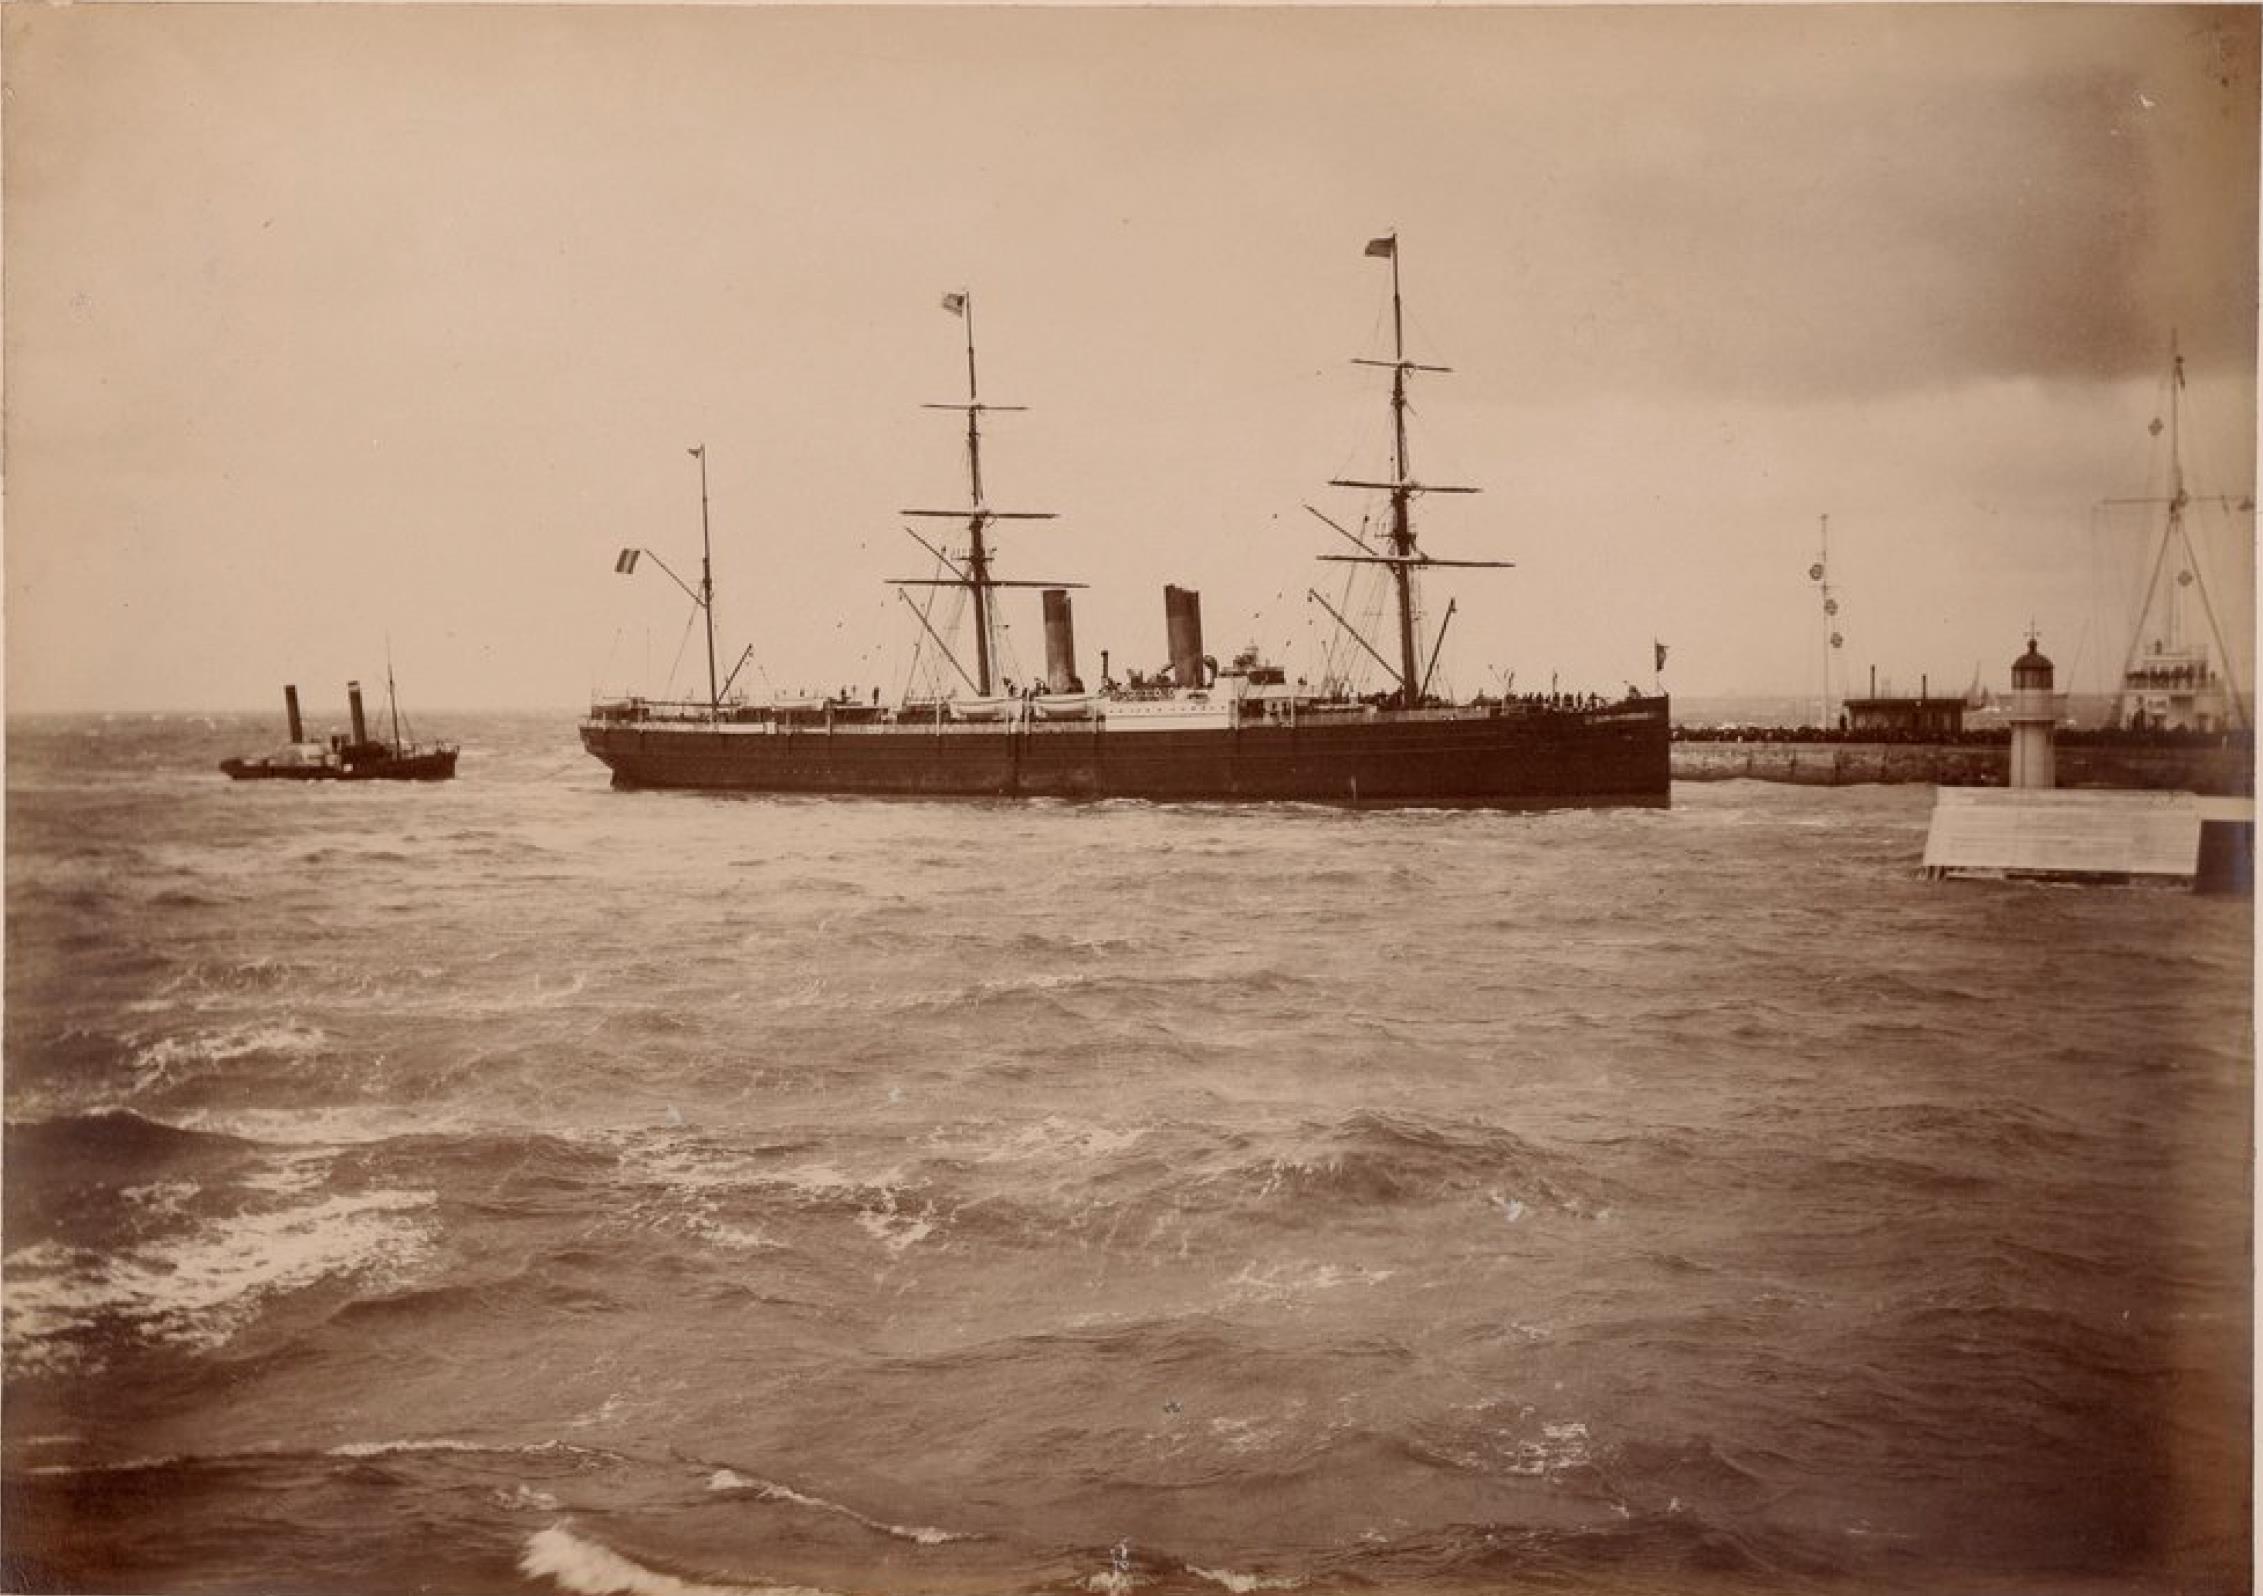 Трансатлантическая компания. Гавр. «Франция». В 1887 году «Франция» по пути в Вест-Индию и Колон, была почти полностью уничтожена огнем